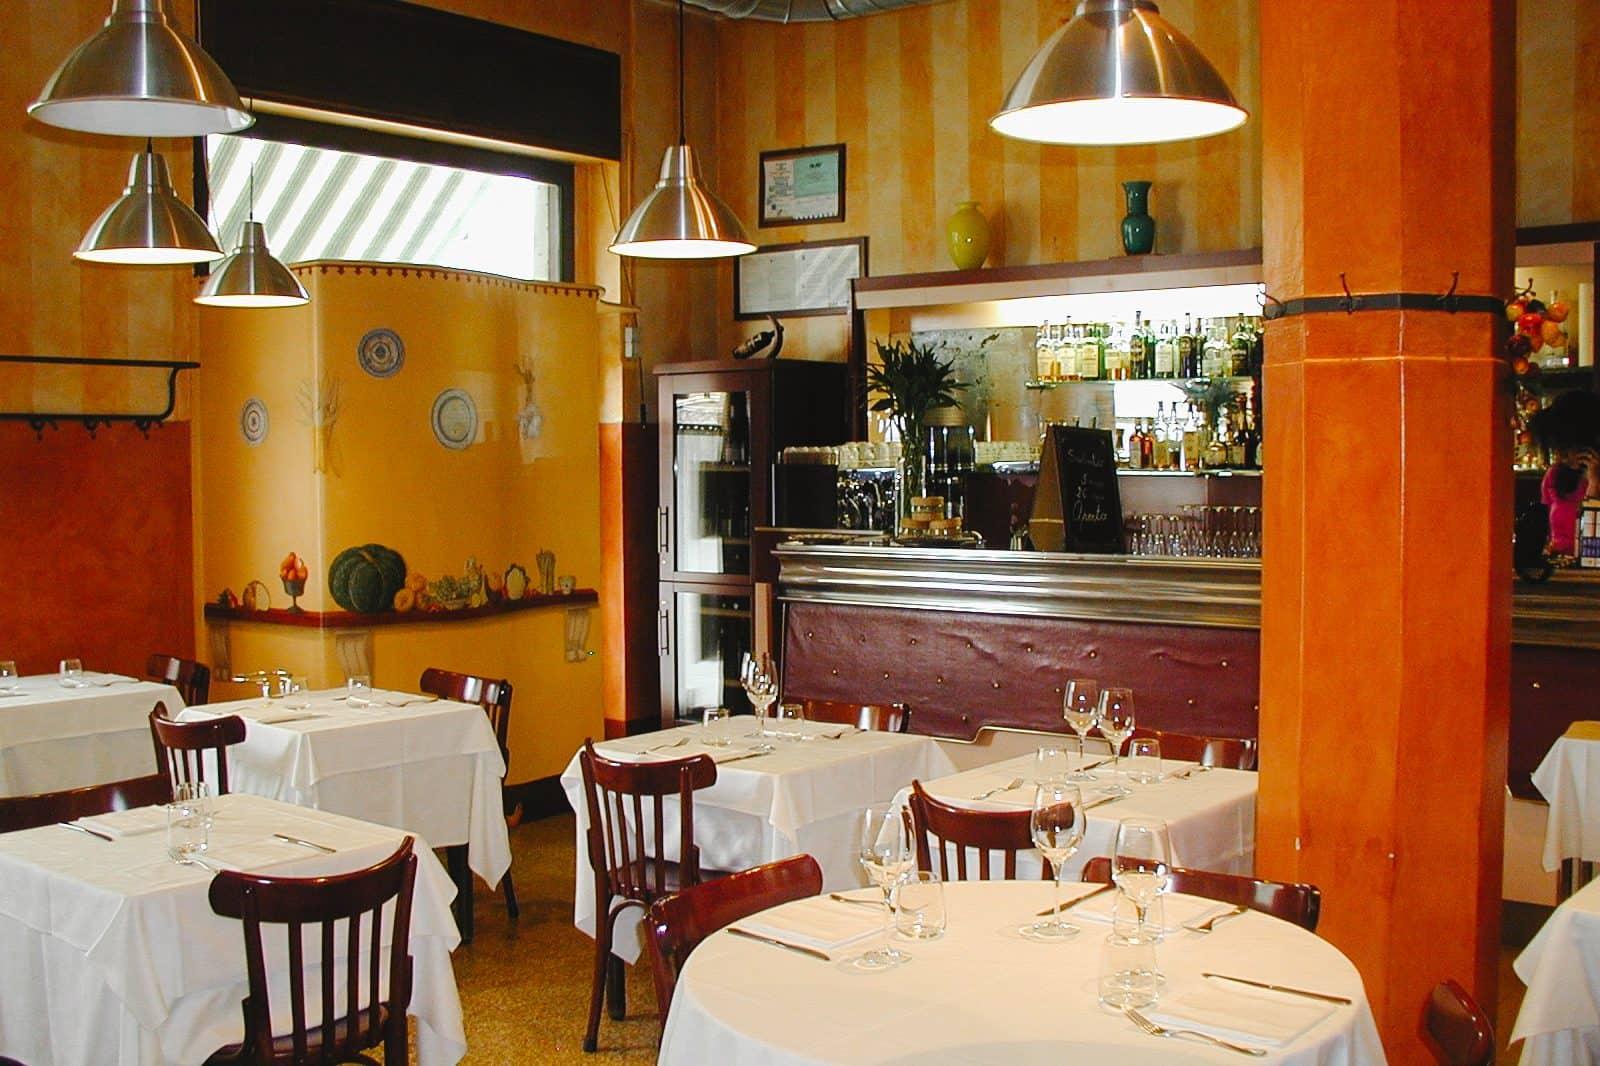 The classic orange interior and padded bar of Trattoria del Nuovo Macello